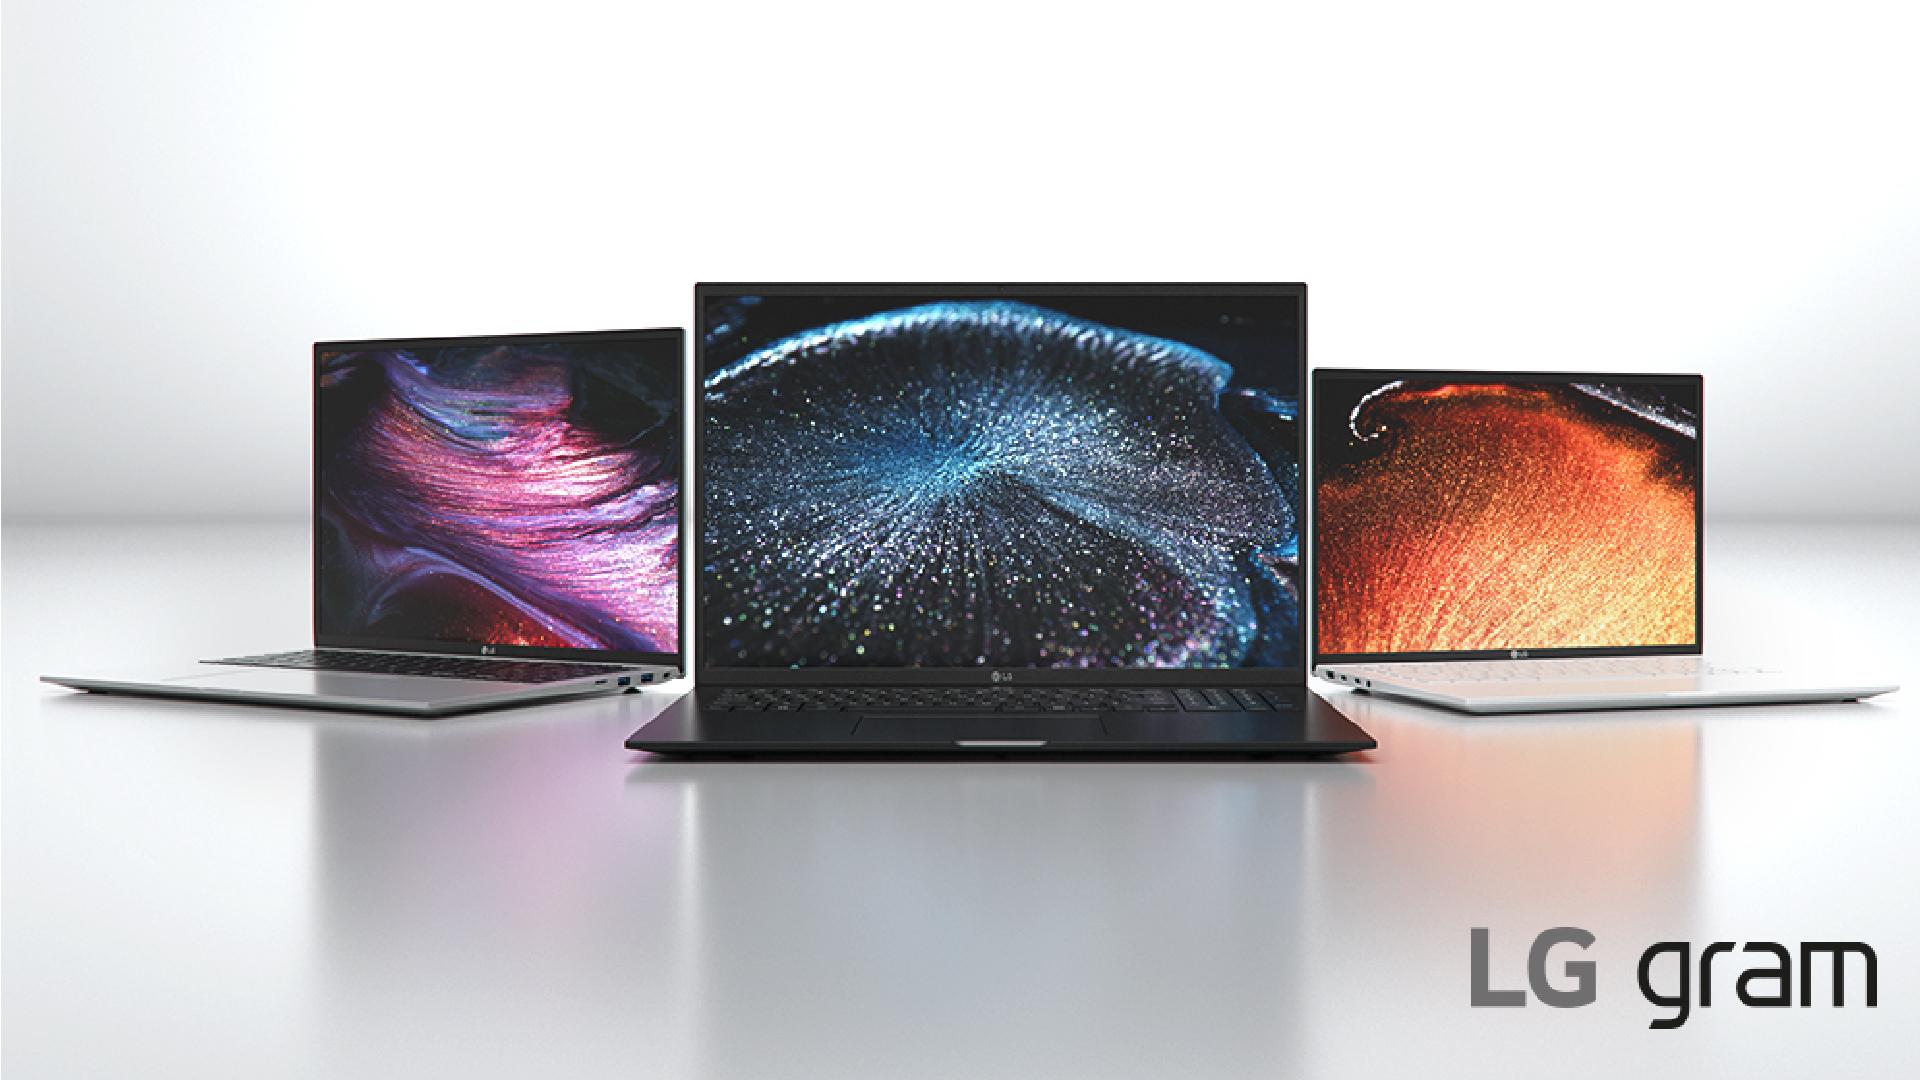 LG Gram 2021 laptops